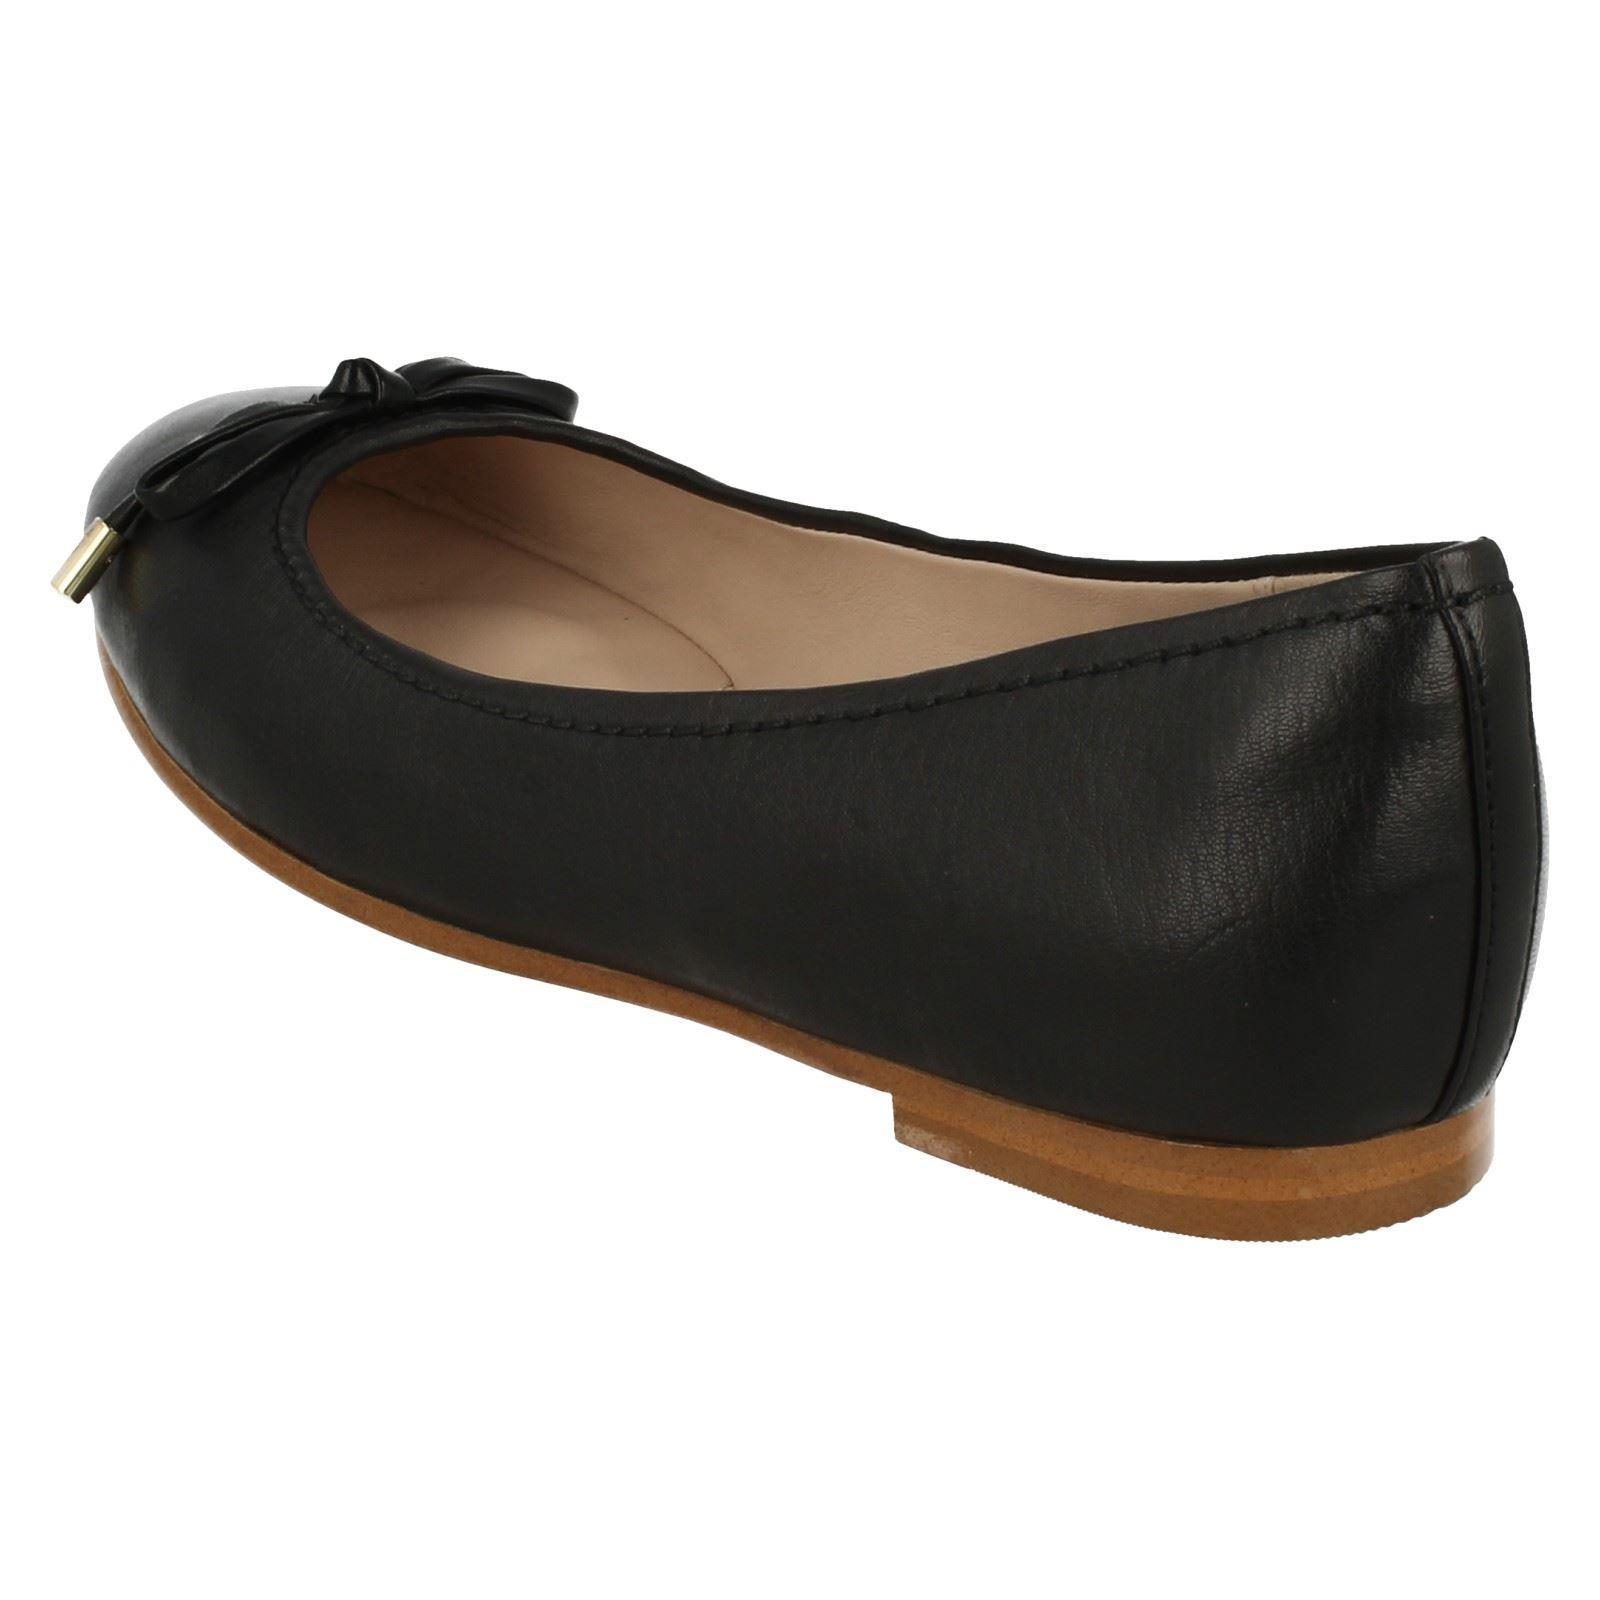 Grace Azucena Mujer Clarks Planos Dolly Zapatos x6pO6z